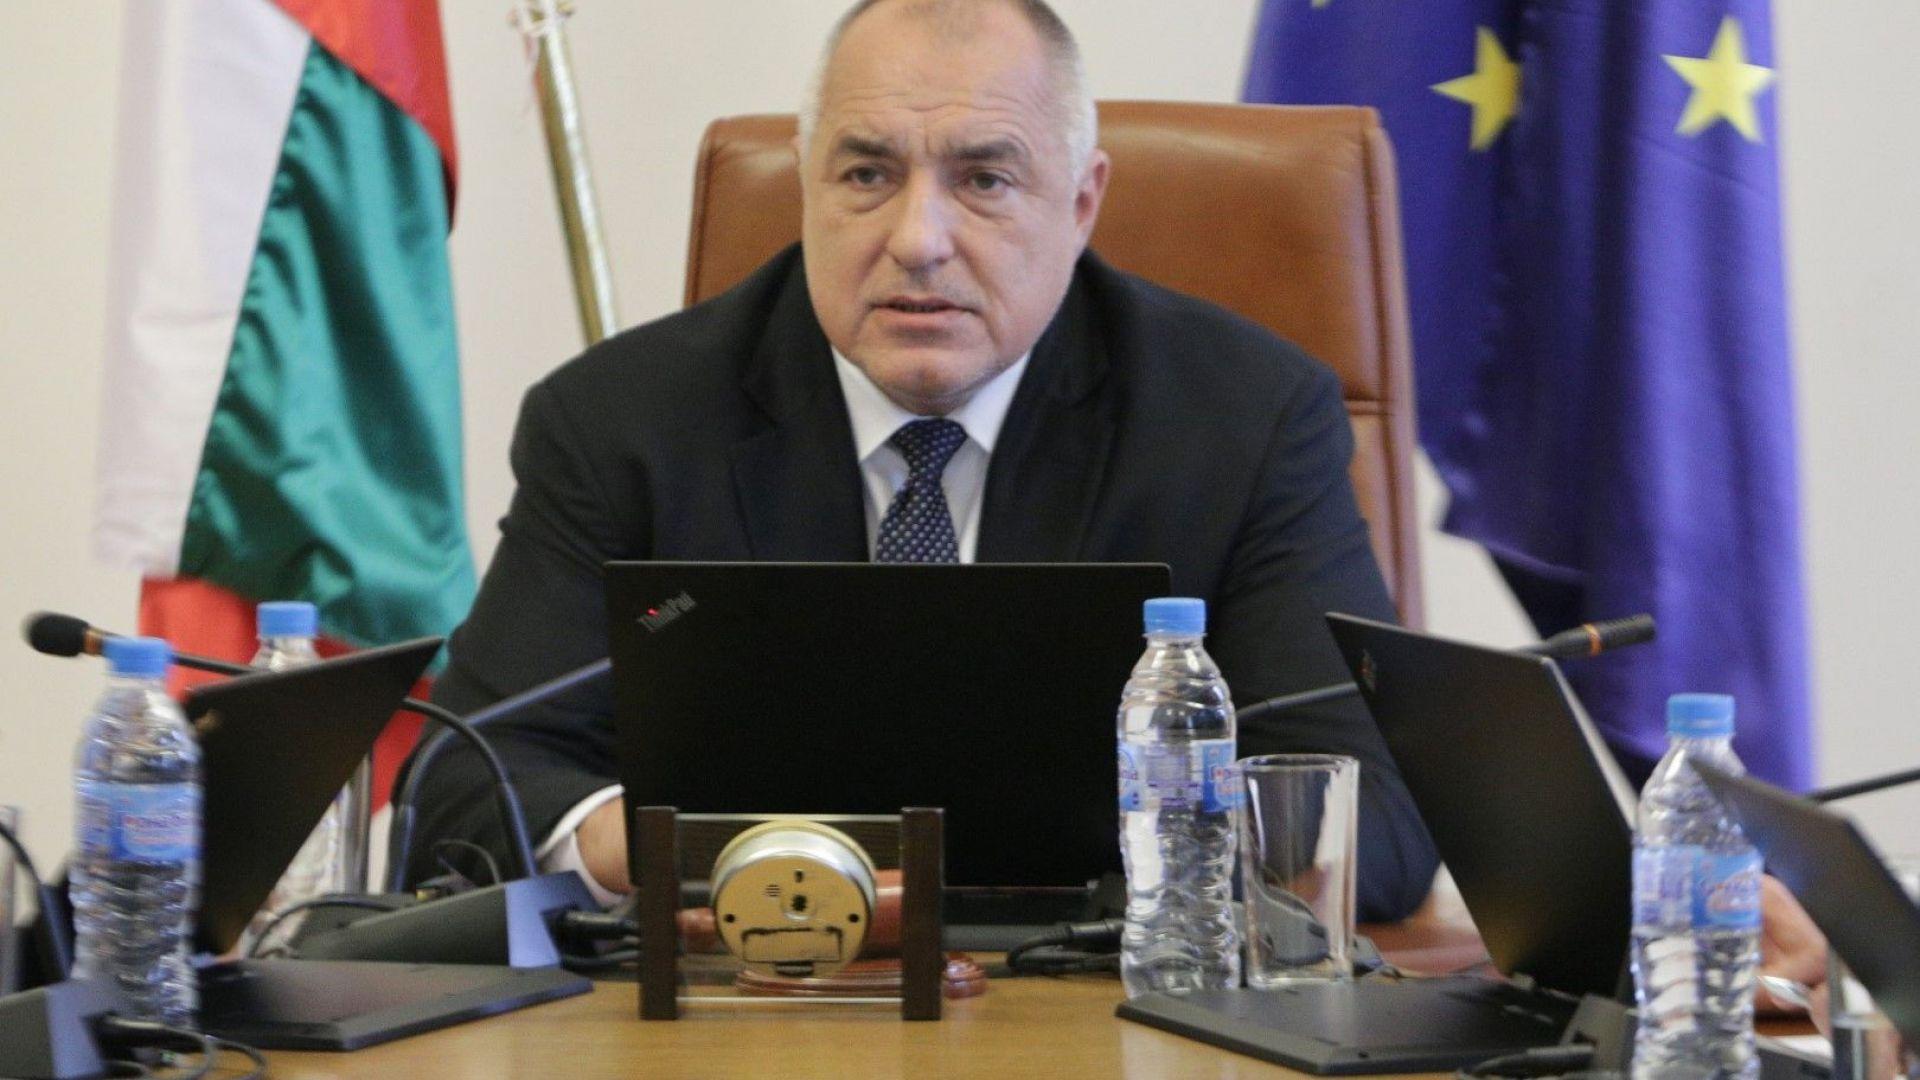 Борисов: ГЕРБ няма да прави компромис с етническата толерантност